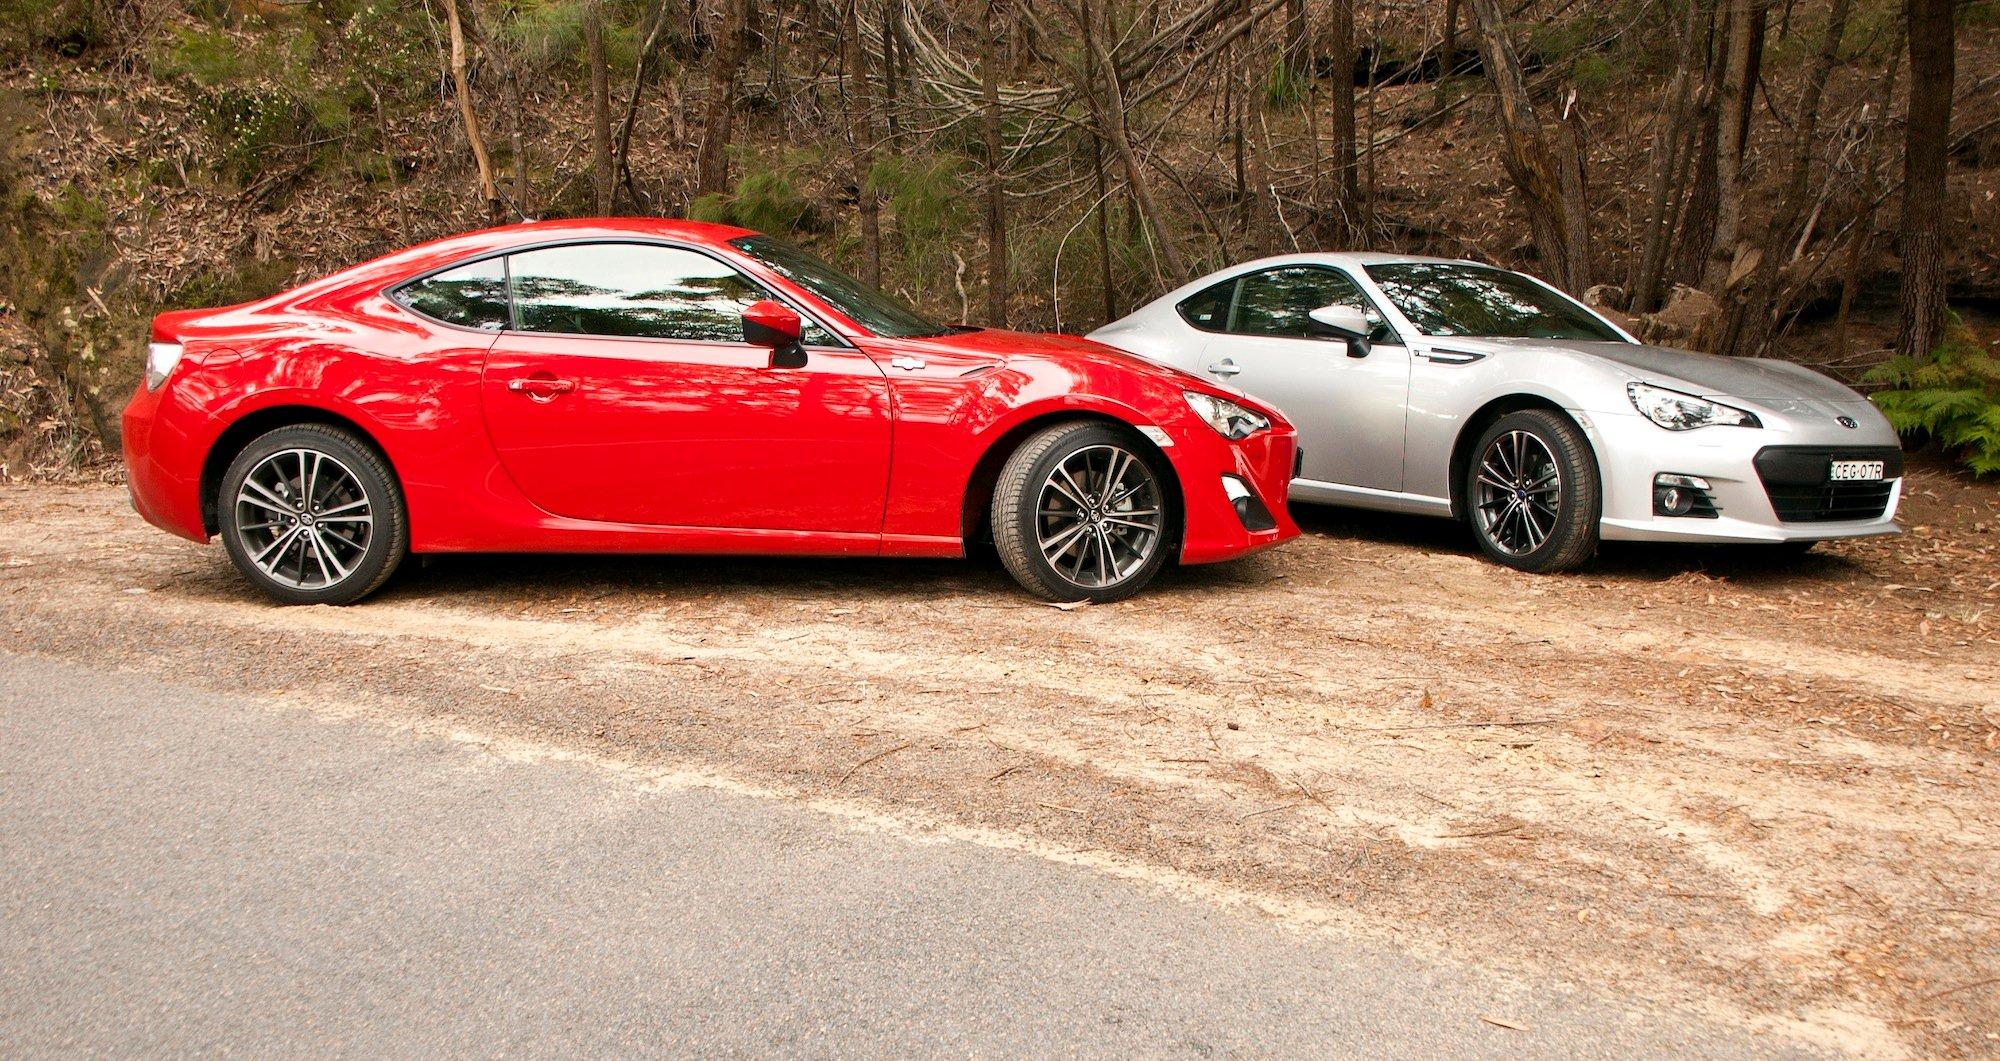 Toyota 86 Vs Subaru Brz Comparison Review Photos Caradvice